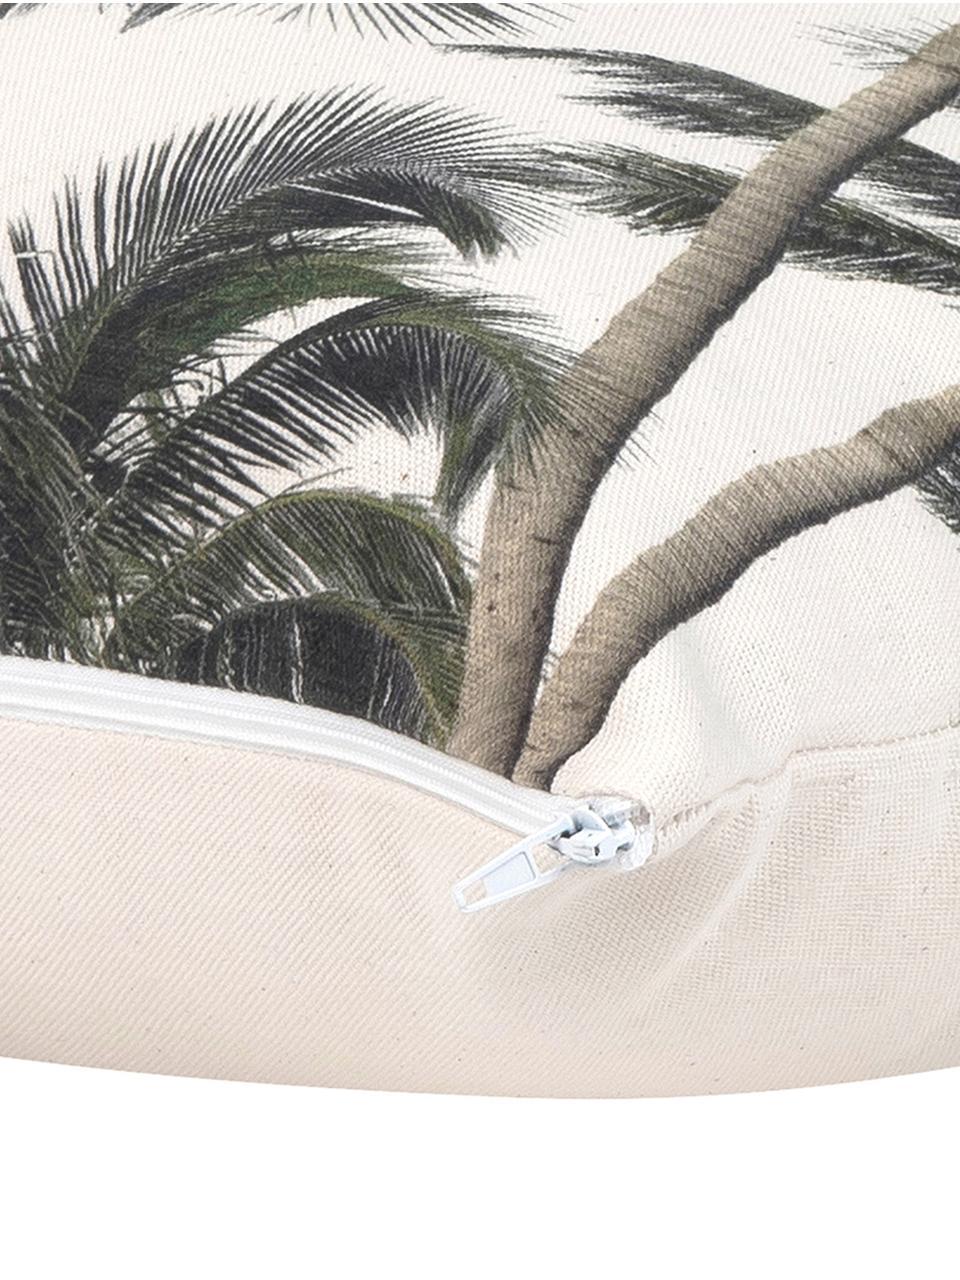 Poszewka na poduszkę Mogli, 100% bawełna, Ecru, zielony, S 40 x D 40 cm